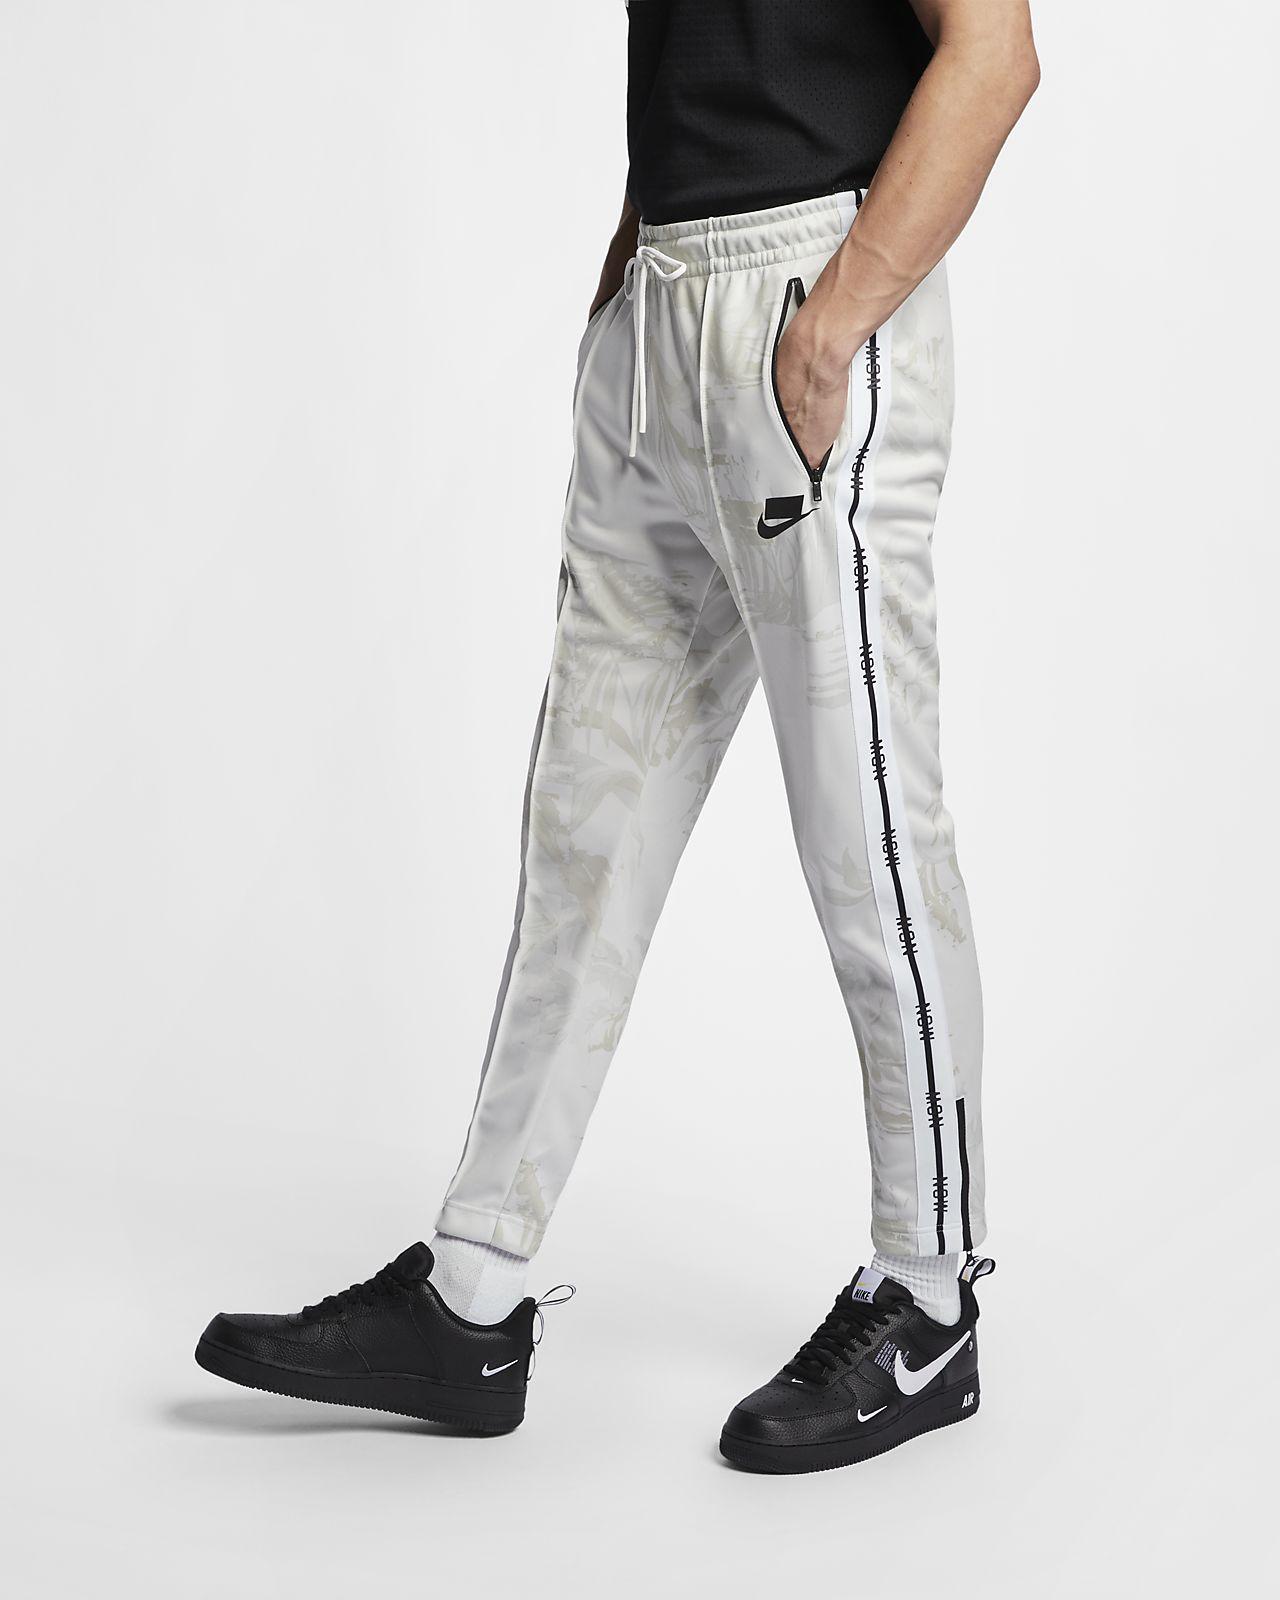 busca lo mejor precio de fábrica ahorre hasta 60% Pantalones de entrenamiento Nike Sportswear NSW